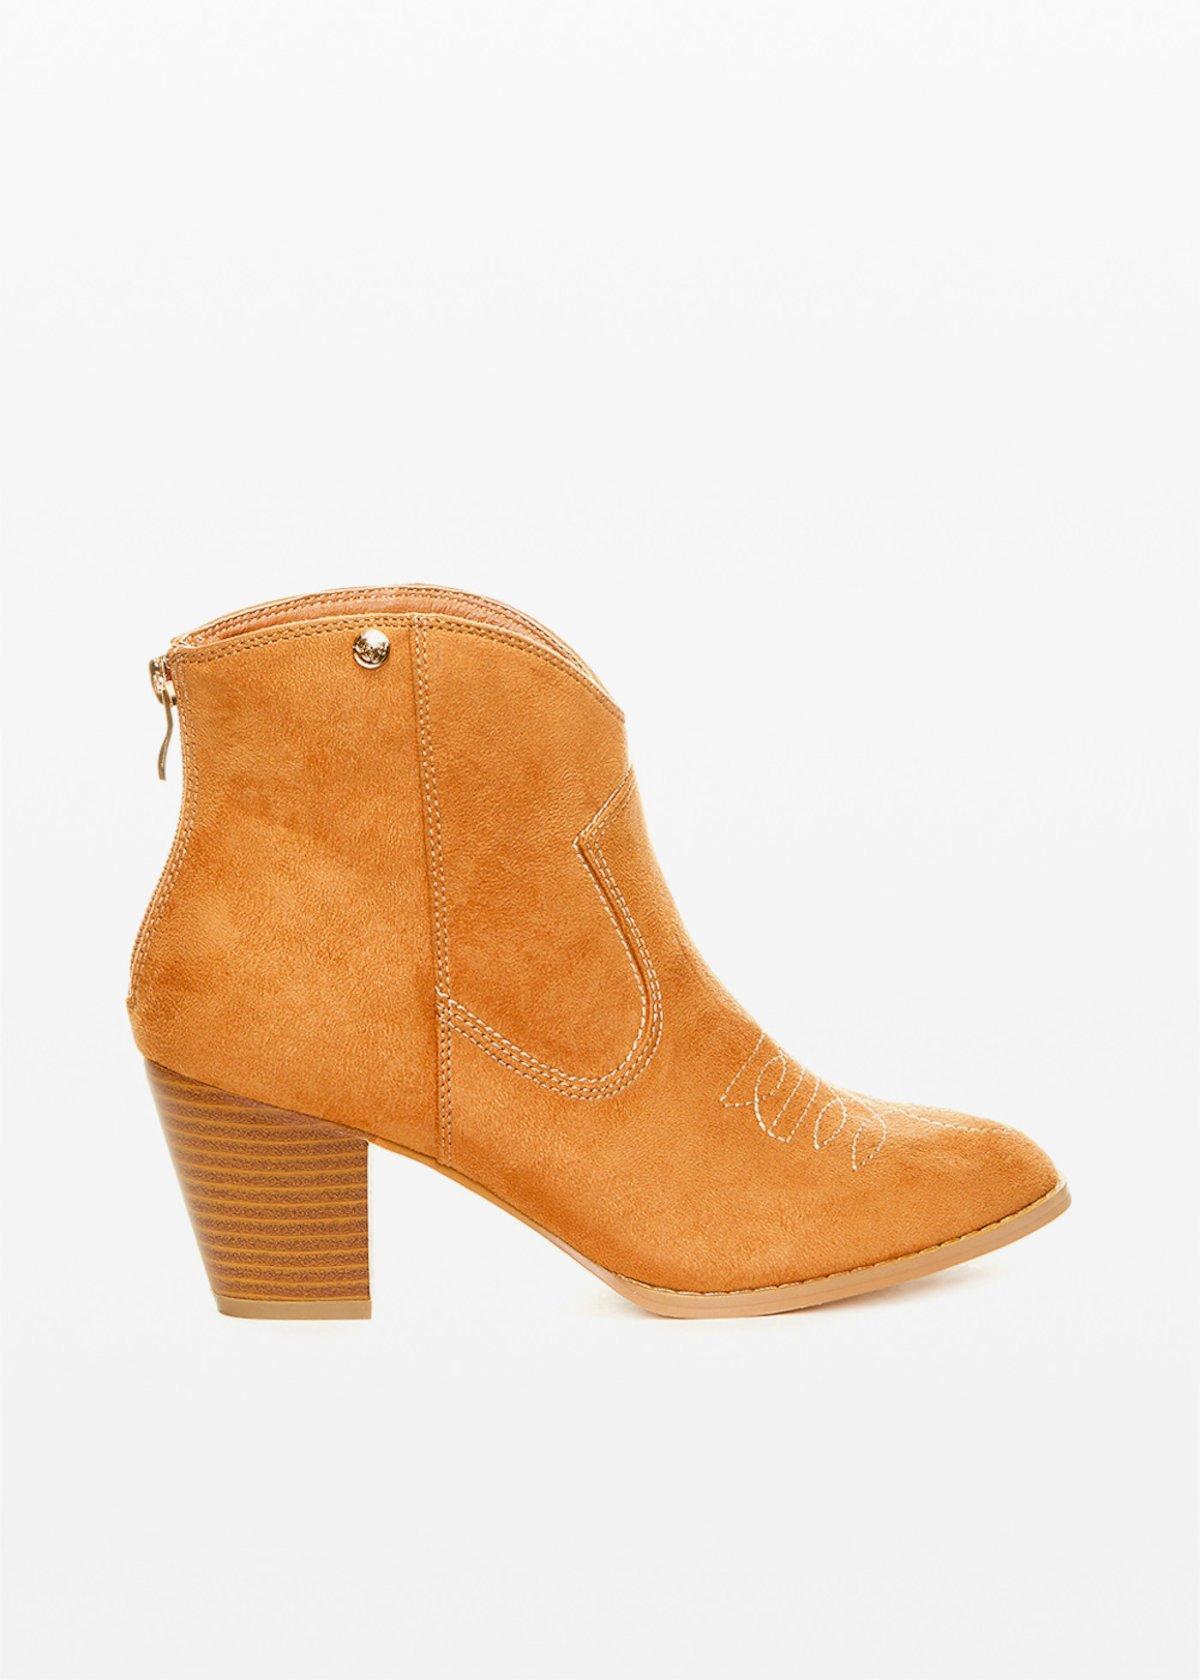 Faux suede Shila boots camperos model - Lion - Woman